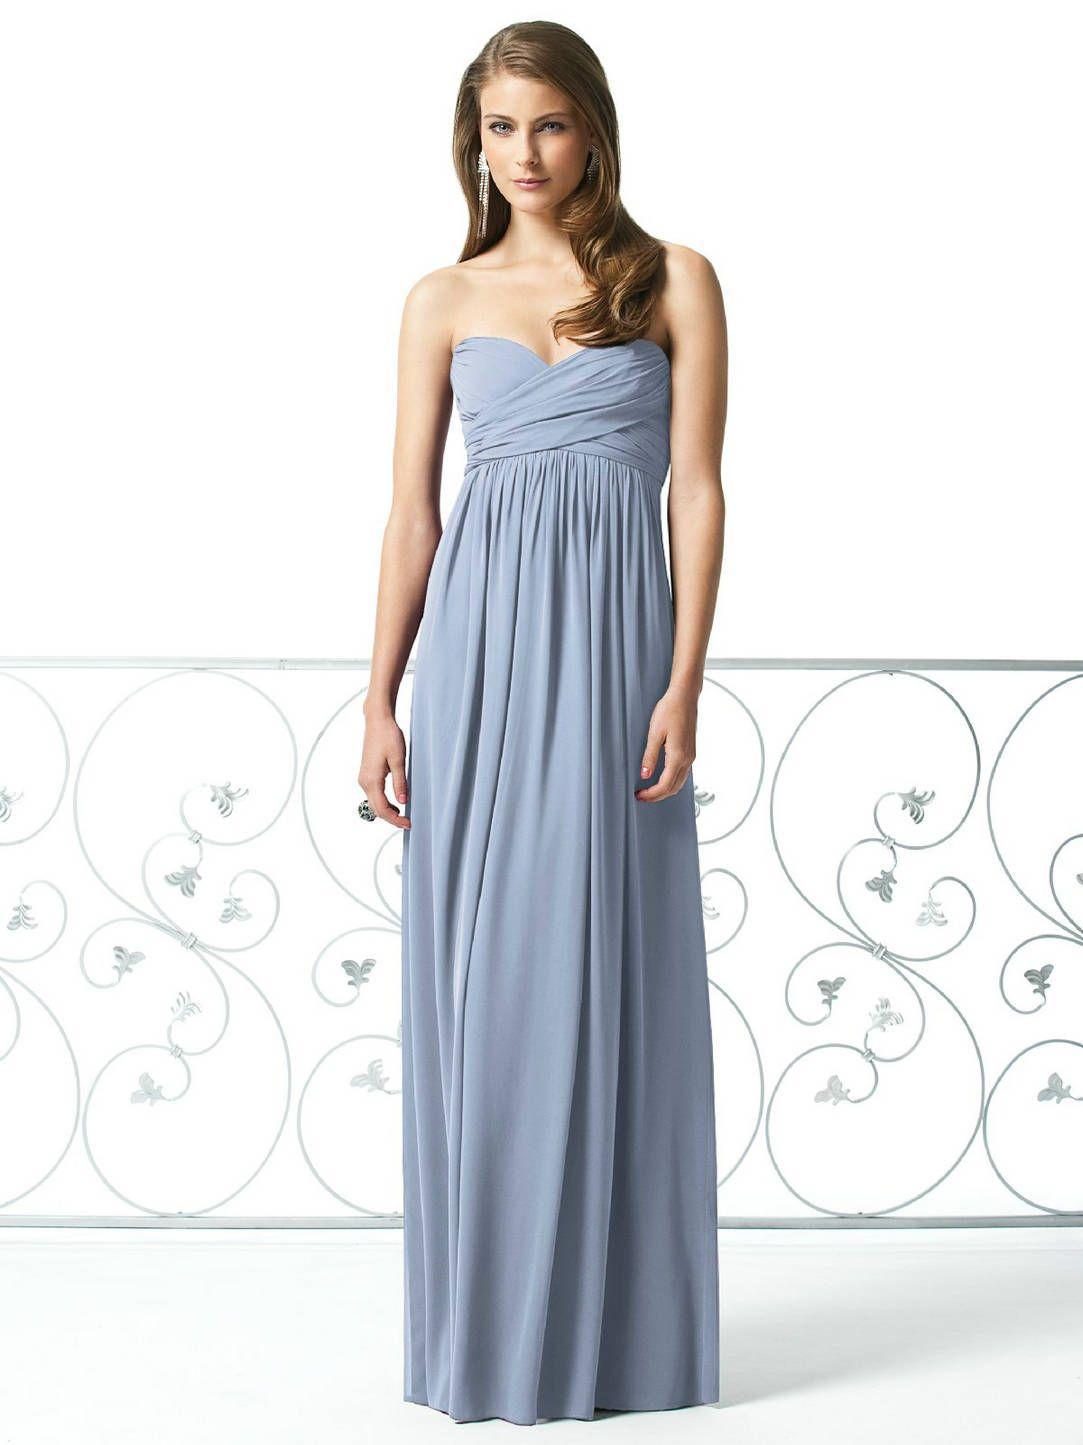 Lyle Dress | Dresses, Buy bridesmaid dresses, Occasion dresses